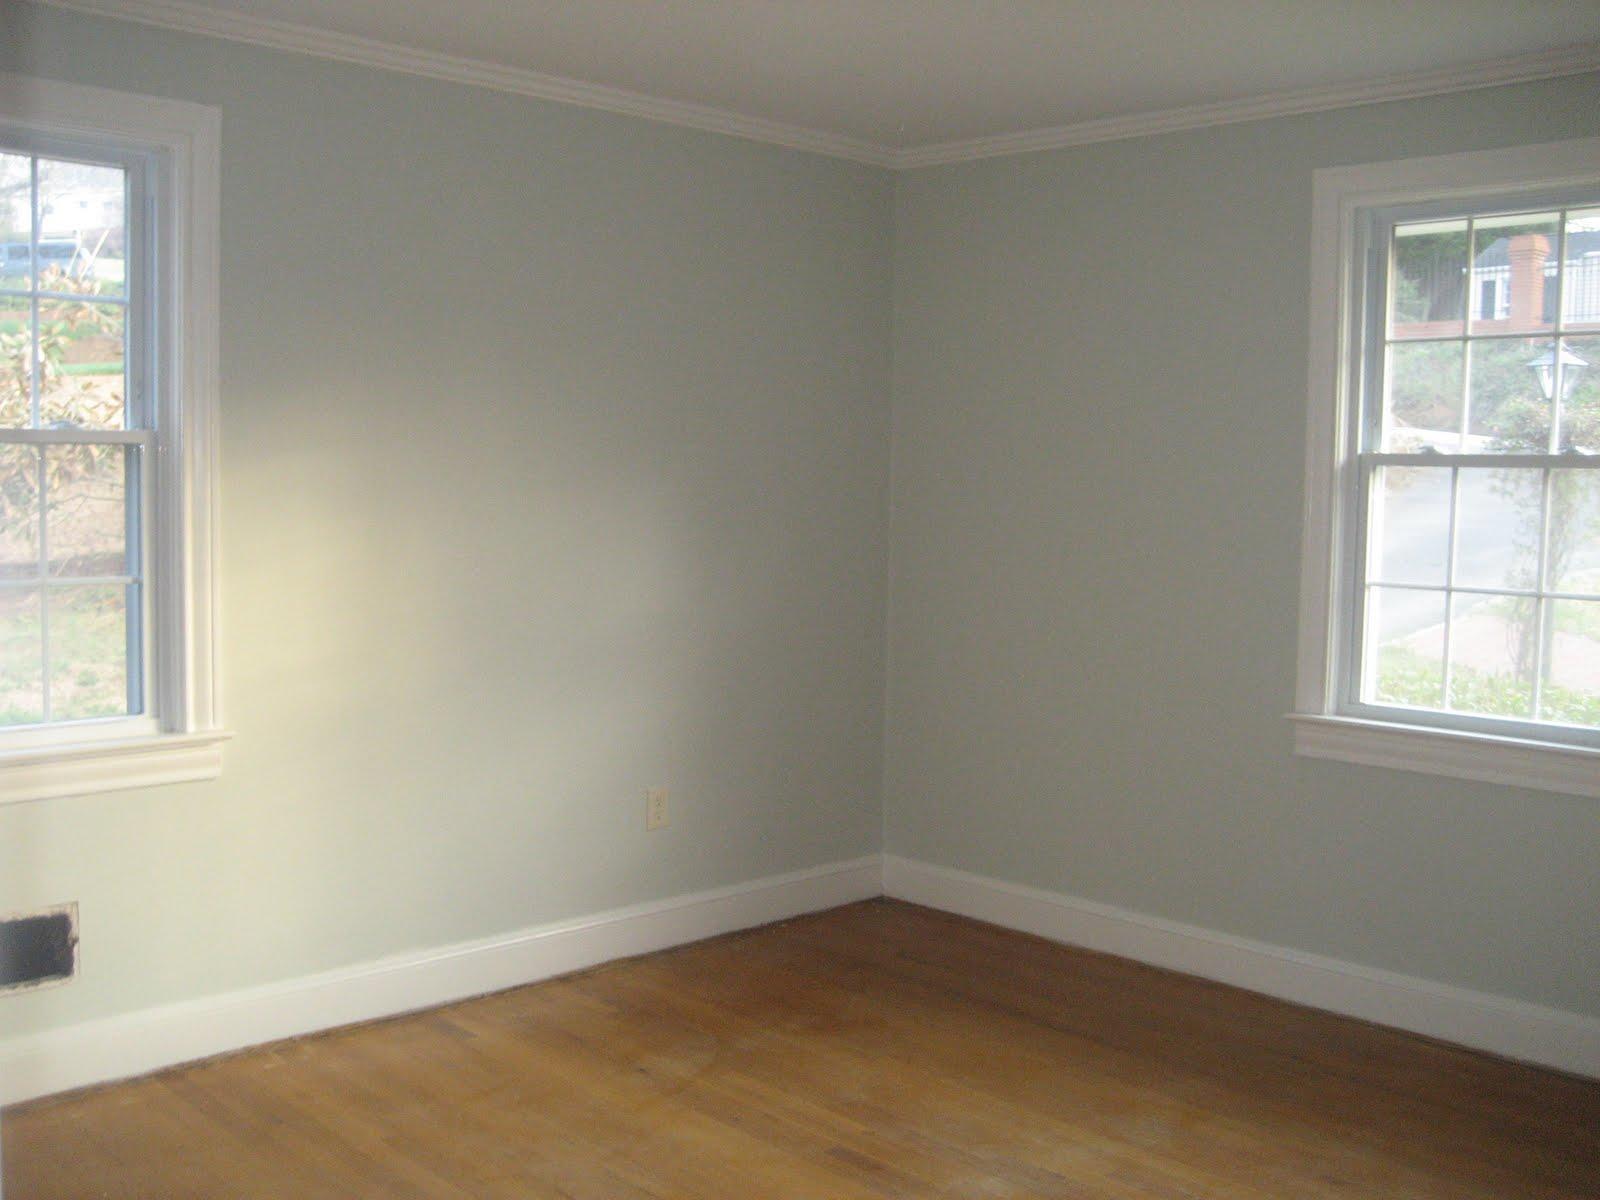 http://2.bp.blogspot.com/-BnB4kMwsTro/TYSku7hYUtI/AAAAAAAAAHM/KUtgwe9yelk/s1600/bedroom.jpg